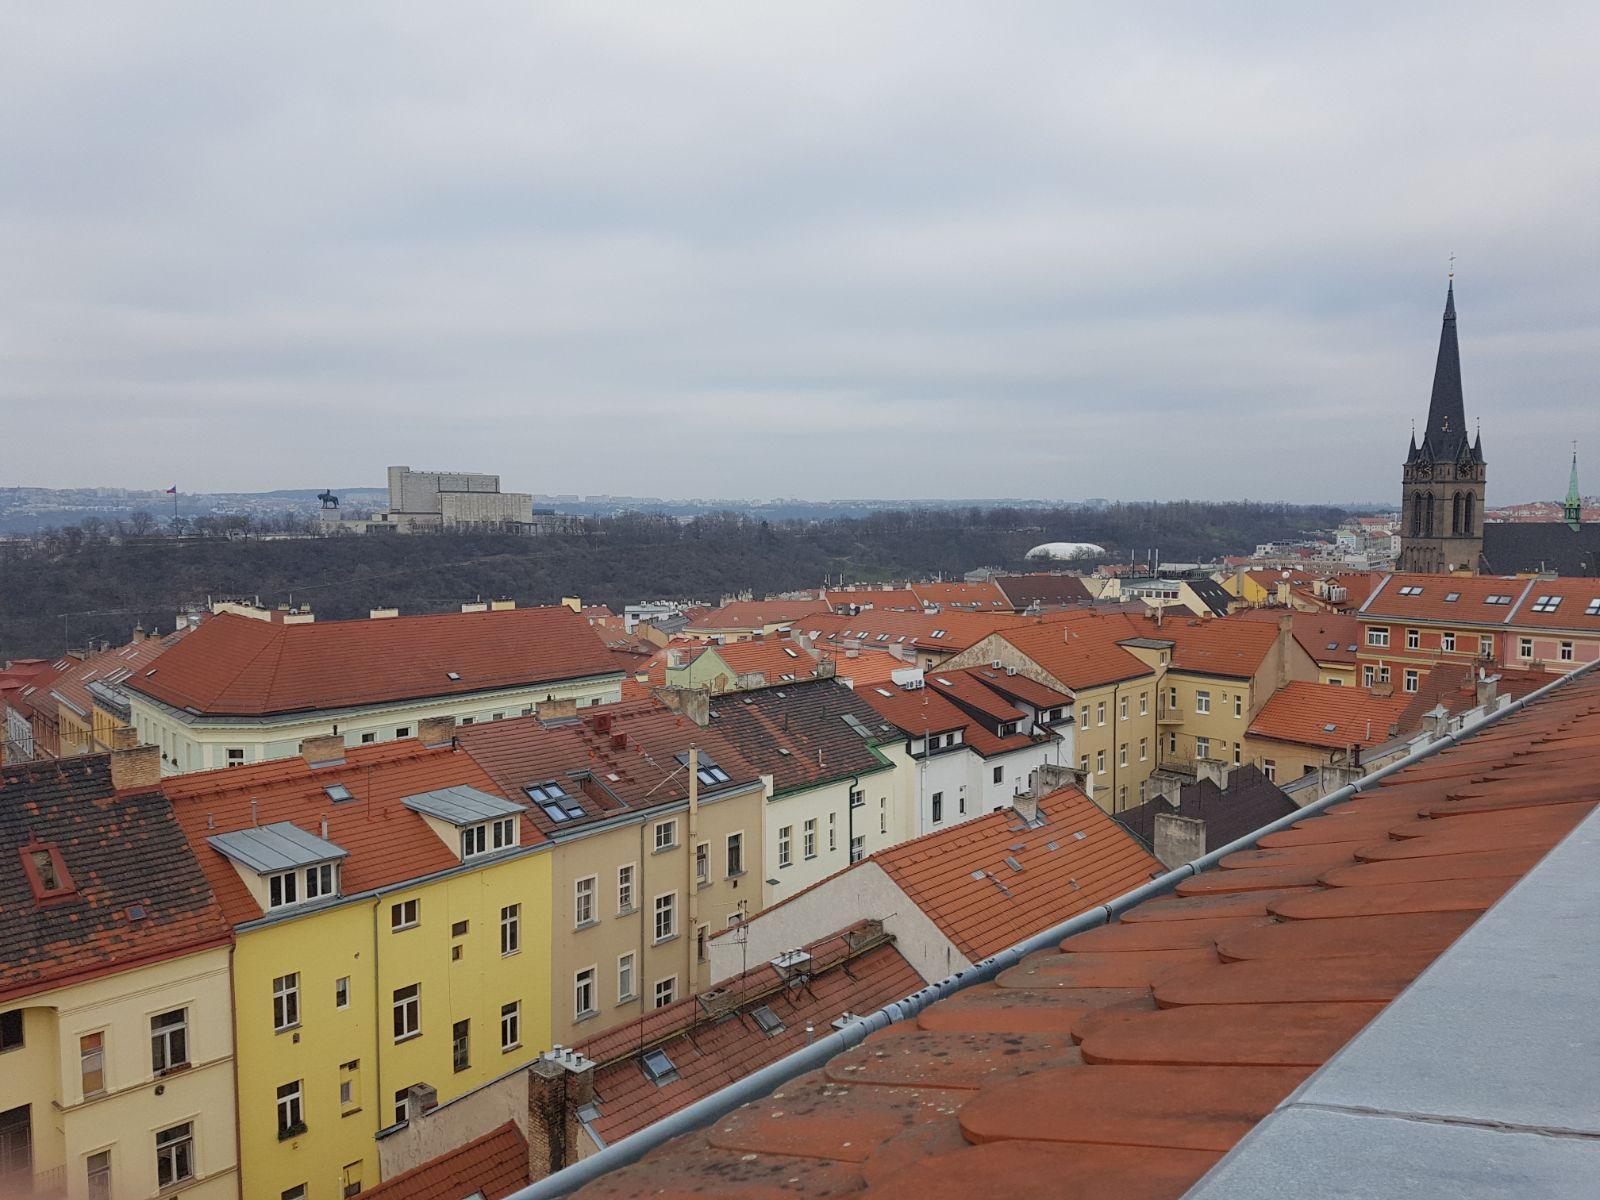 פרוייקט חדש של דירות משופצות למכירה בפראג 3 (ז'יזקוב)